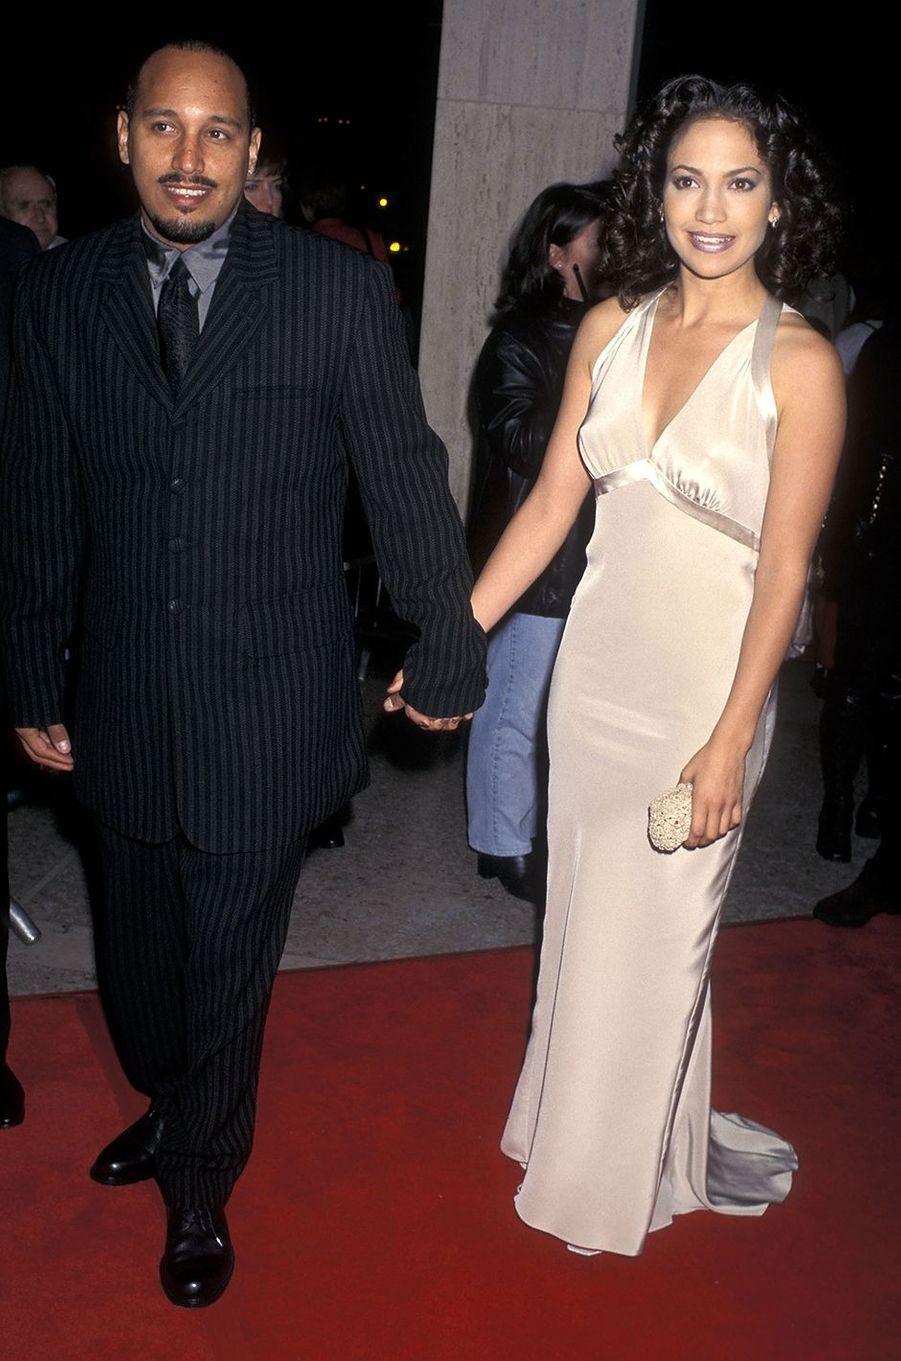 David Cruz et Jennifer Lopez à la première du film «Money Train» à Century City en novembre 1995.Le couple s'est fréquenté pendant plusieurs années entre les années 1980 et 1990.